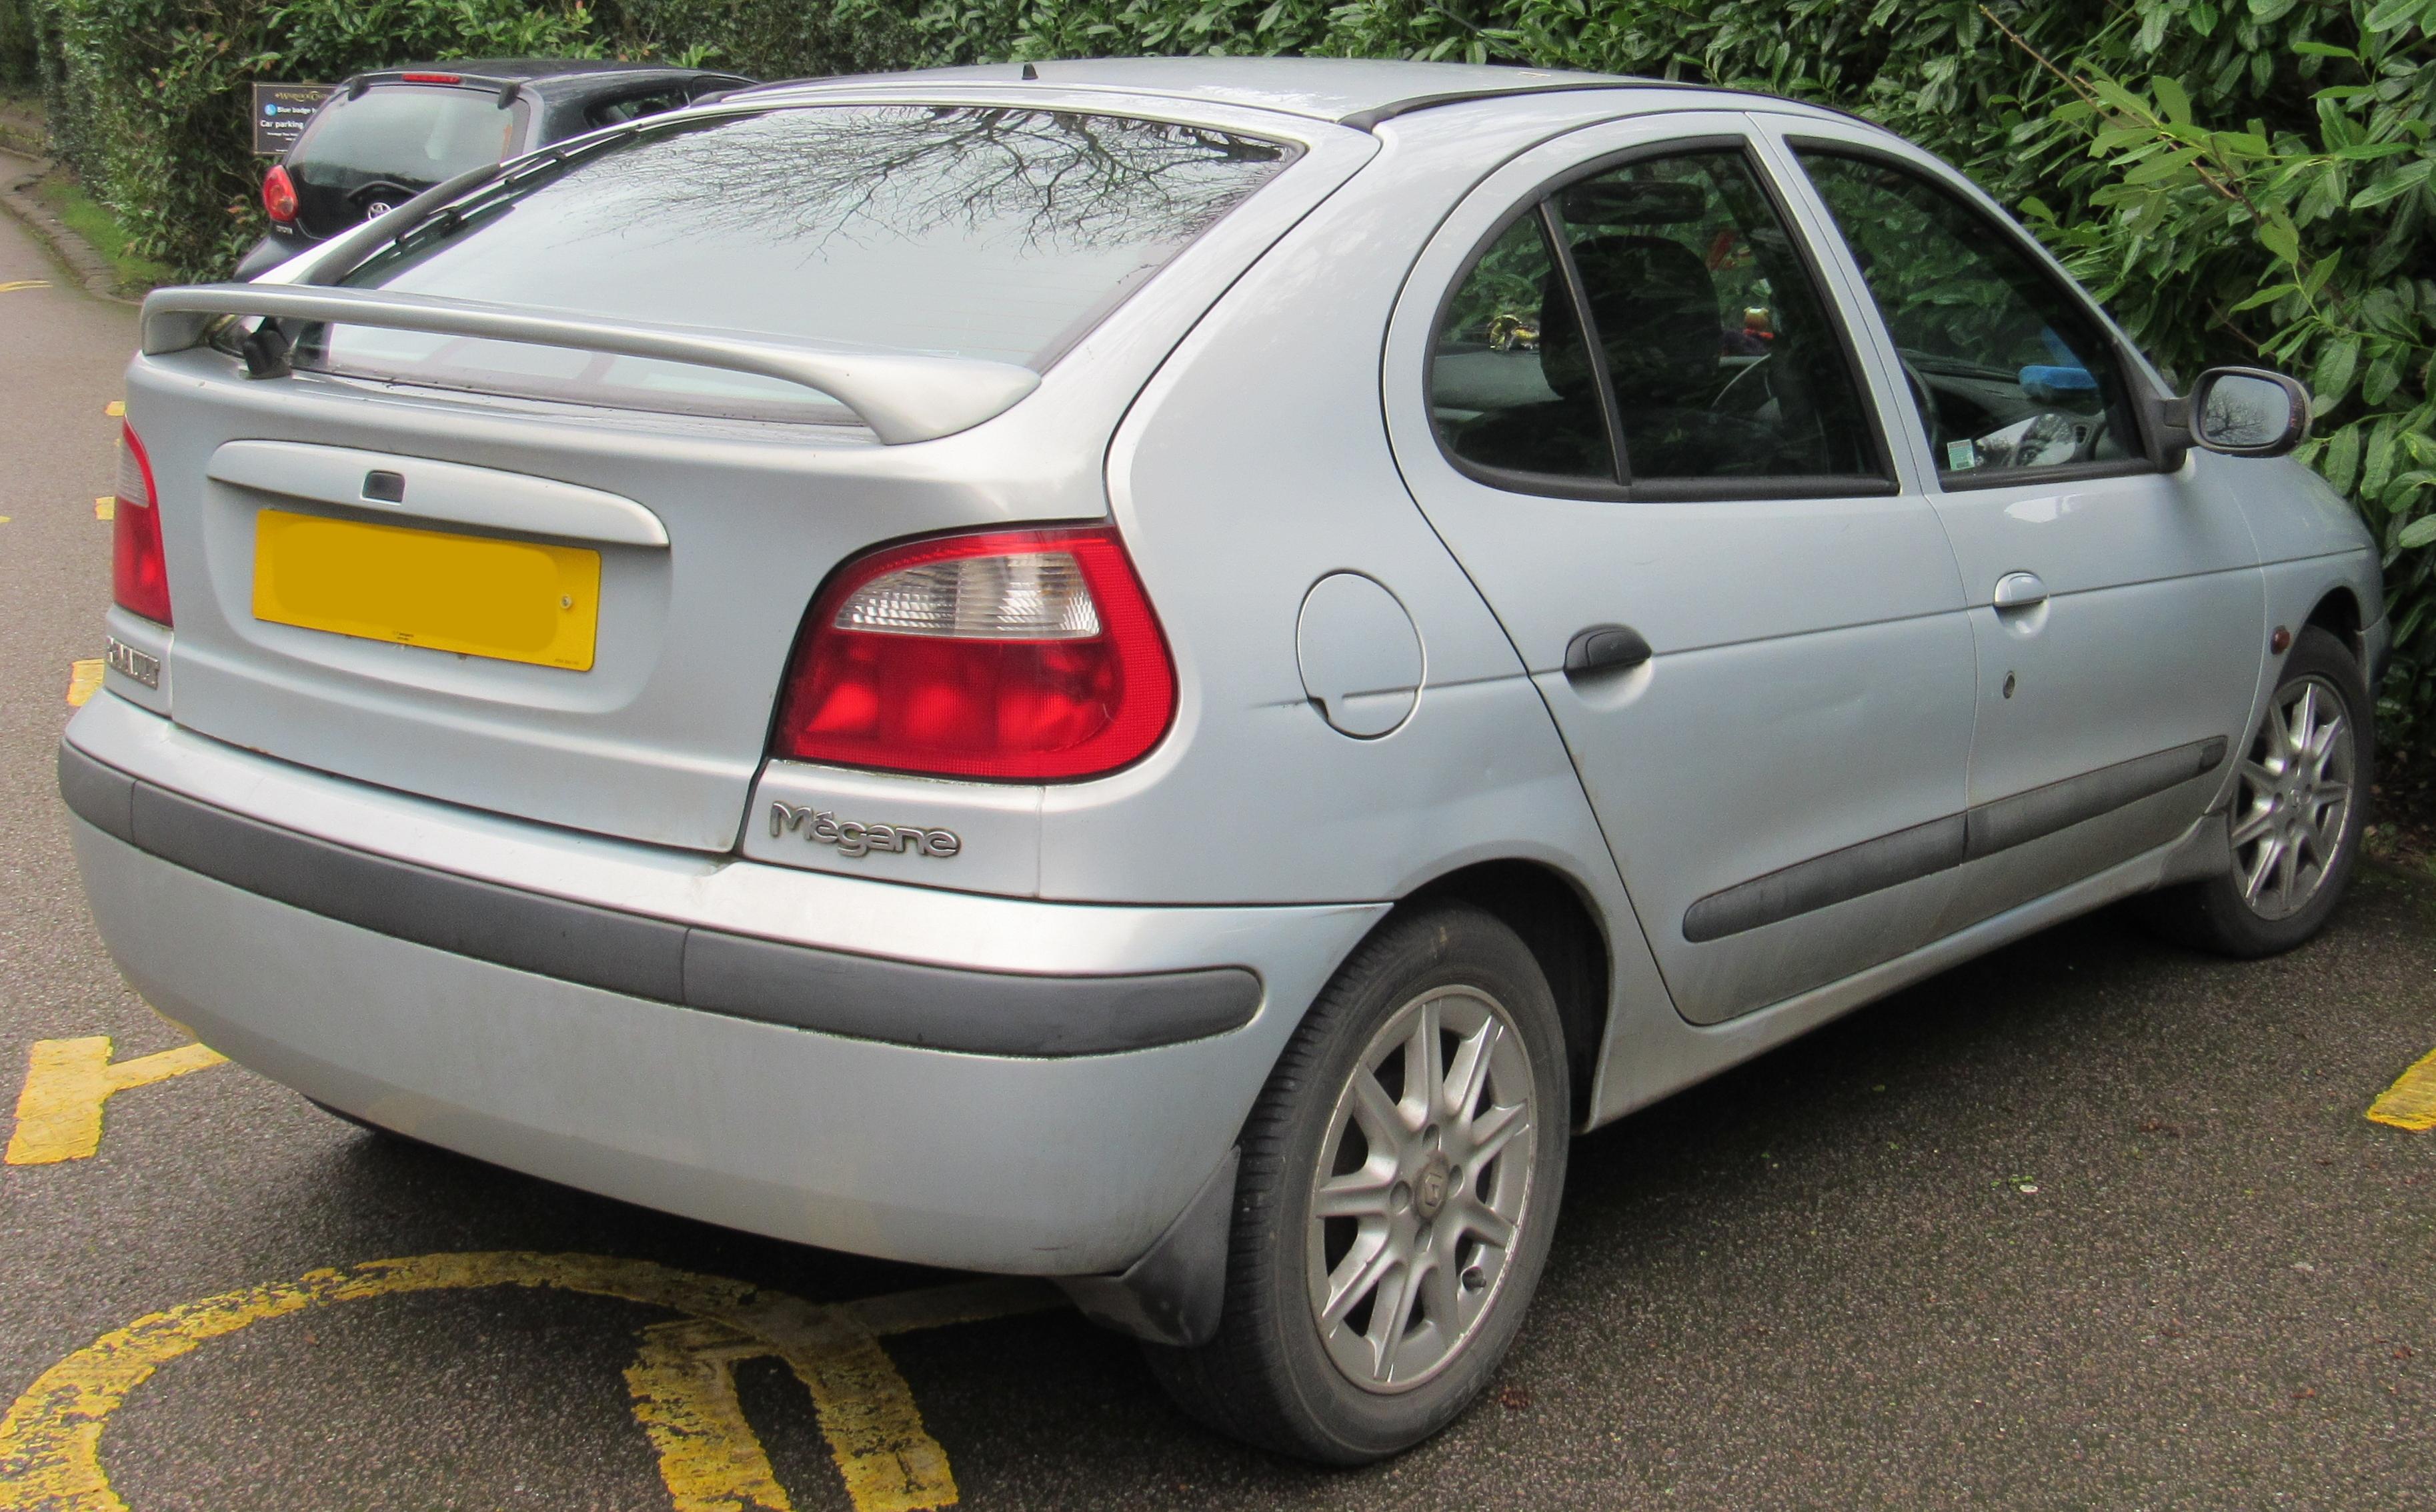 2001_Renault_Megane_Fidji_16V_1.4.jpg